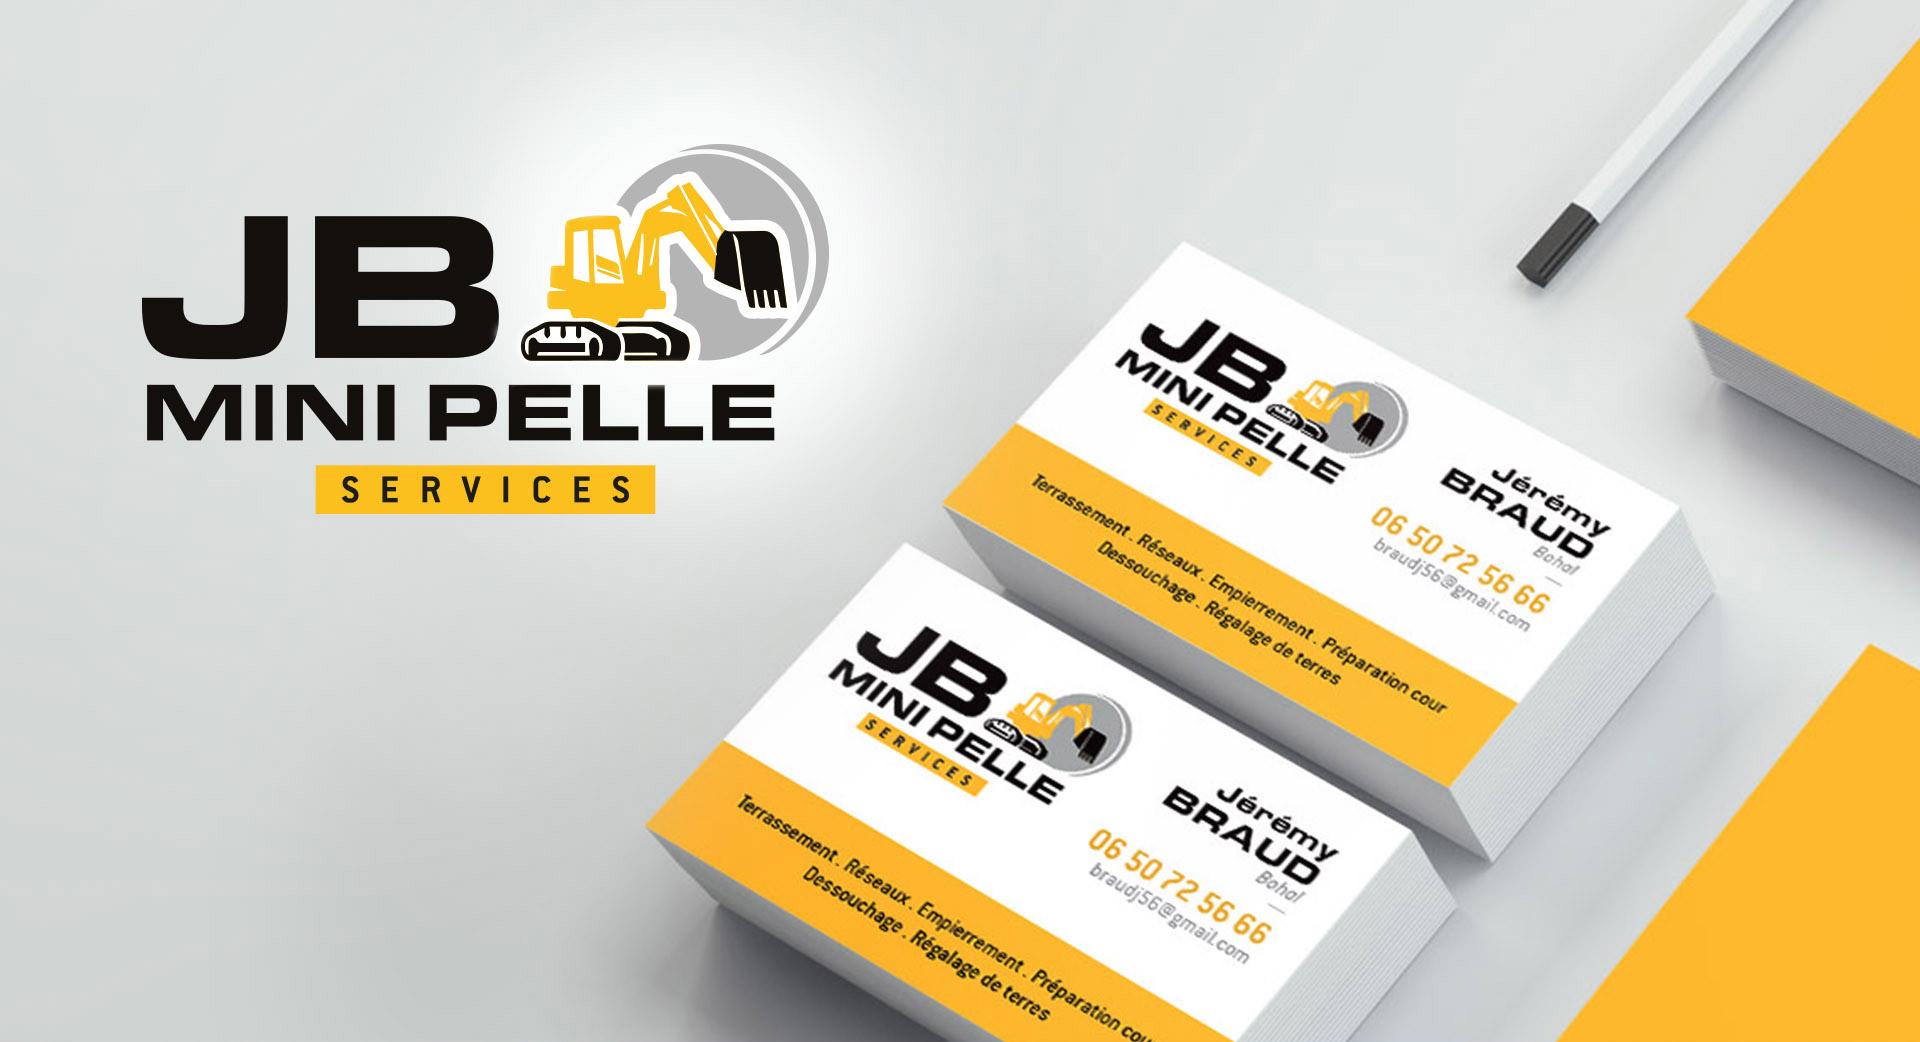 JB Mini Pelle Services